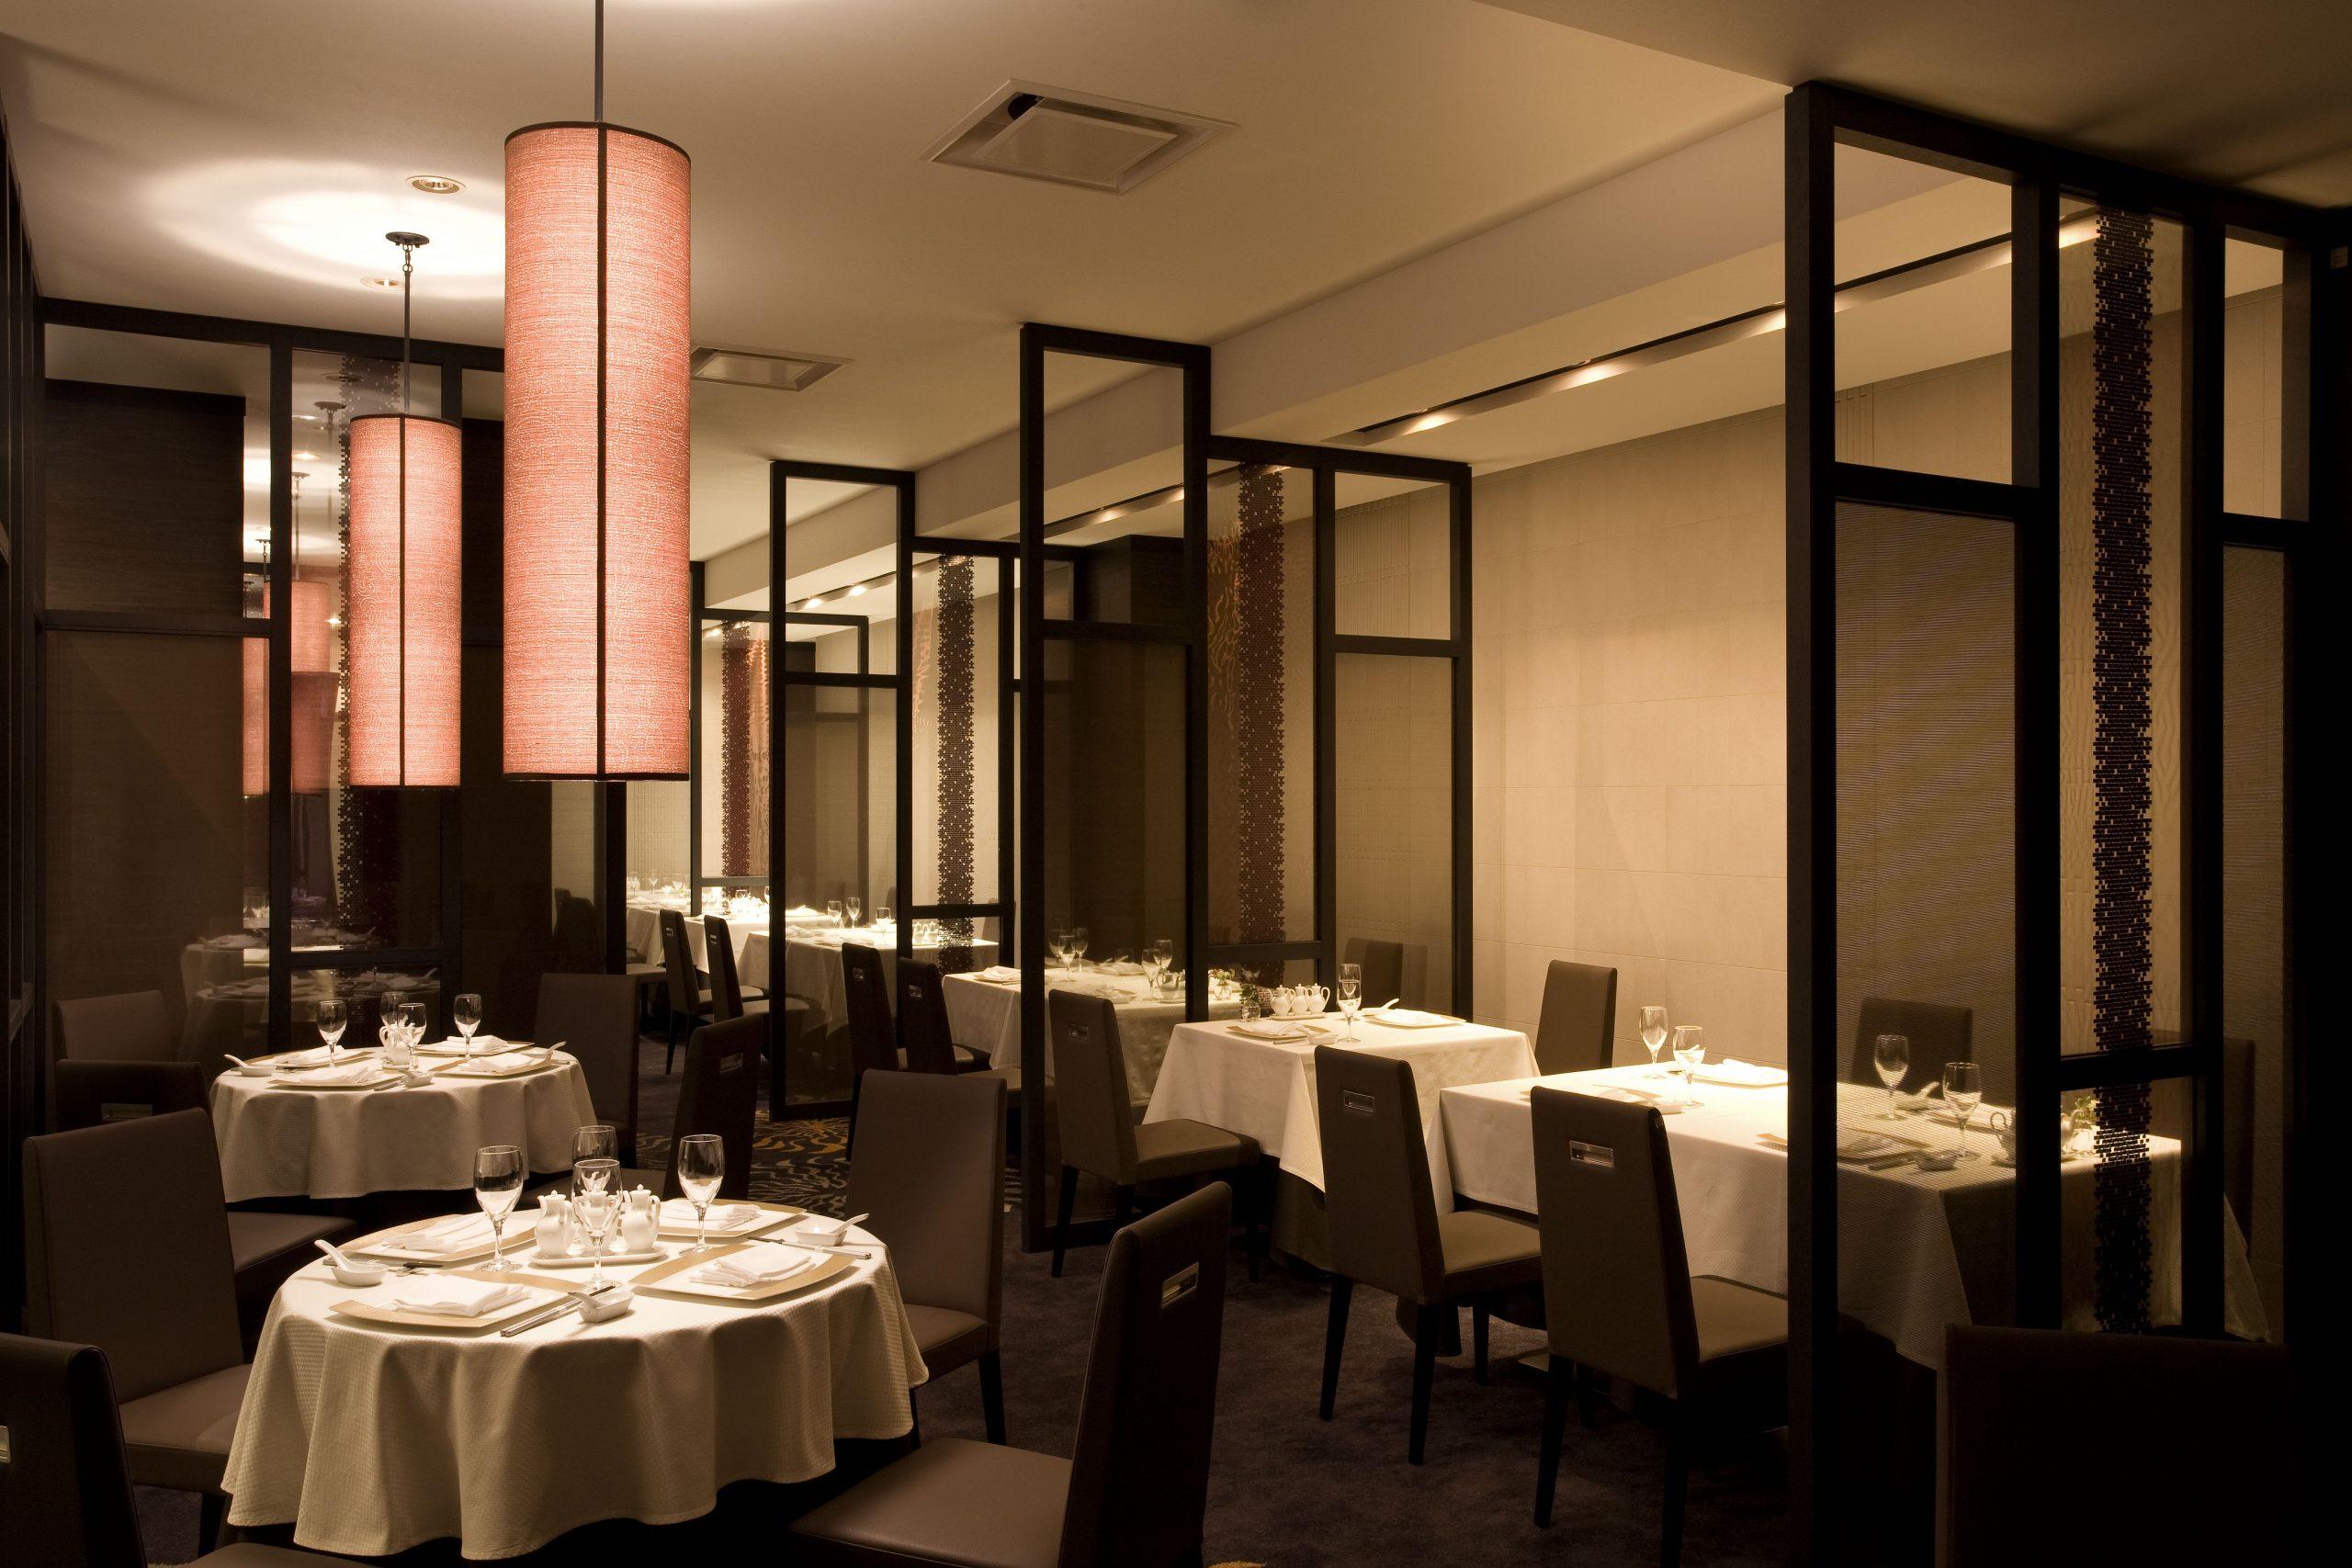 中国料理「星ヶ岡」:中国の伝統料理に加え、北京・上海・広東・四川の四大地方創作料理、和食と中華、洋食と中華といった異なる食文化のコラボレーションメニューをご用意。